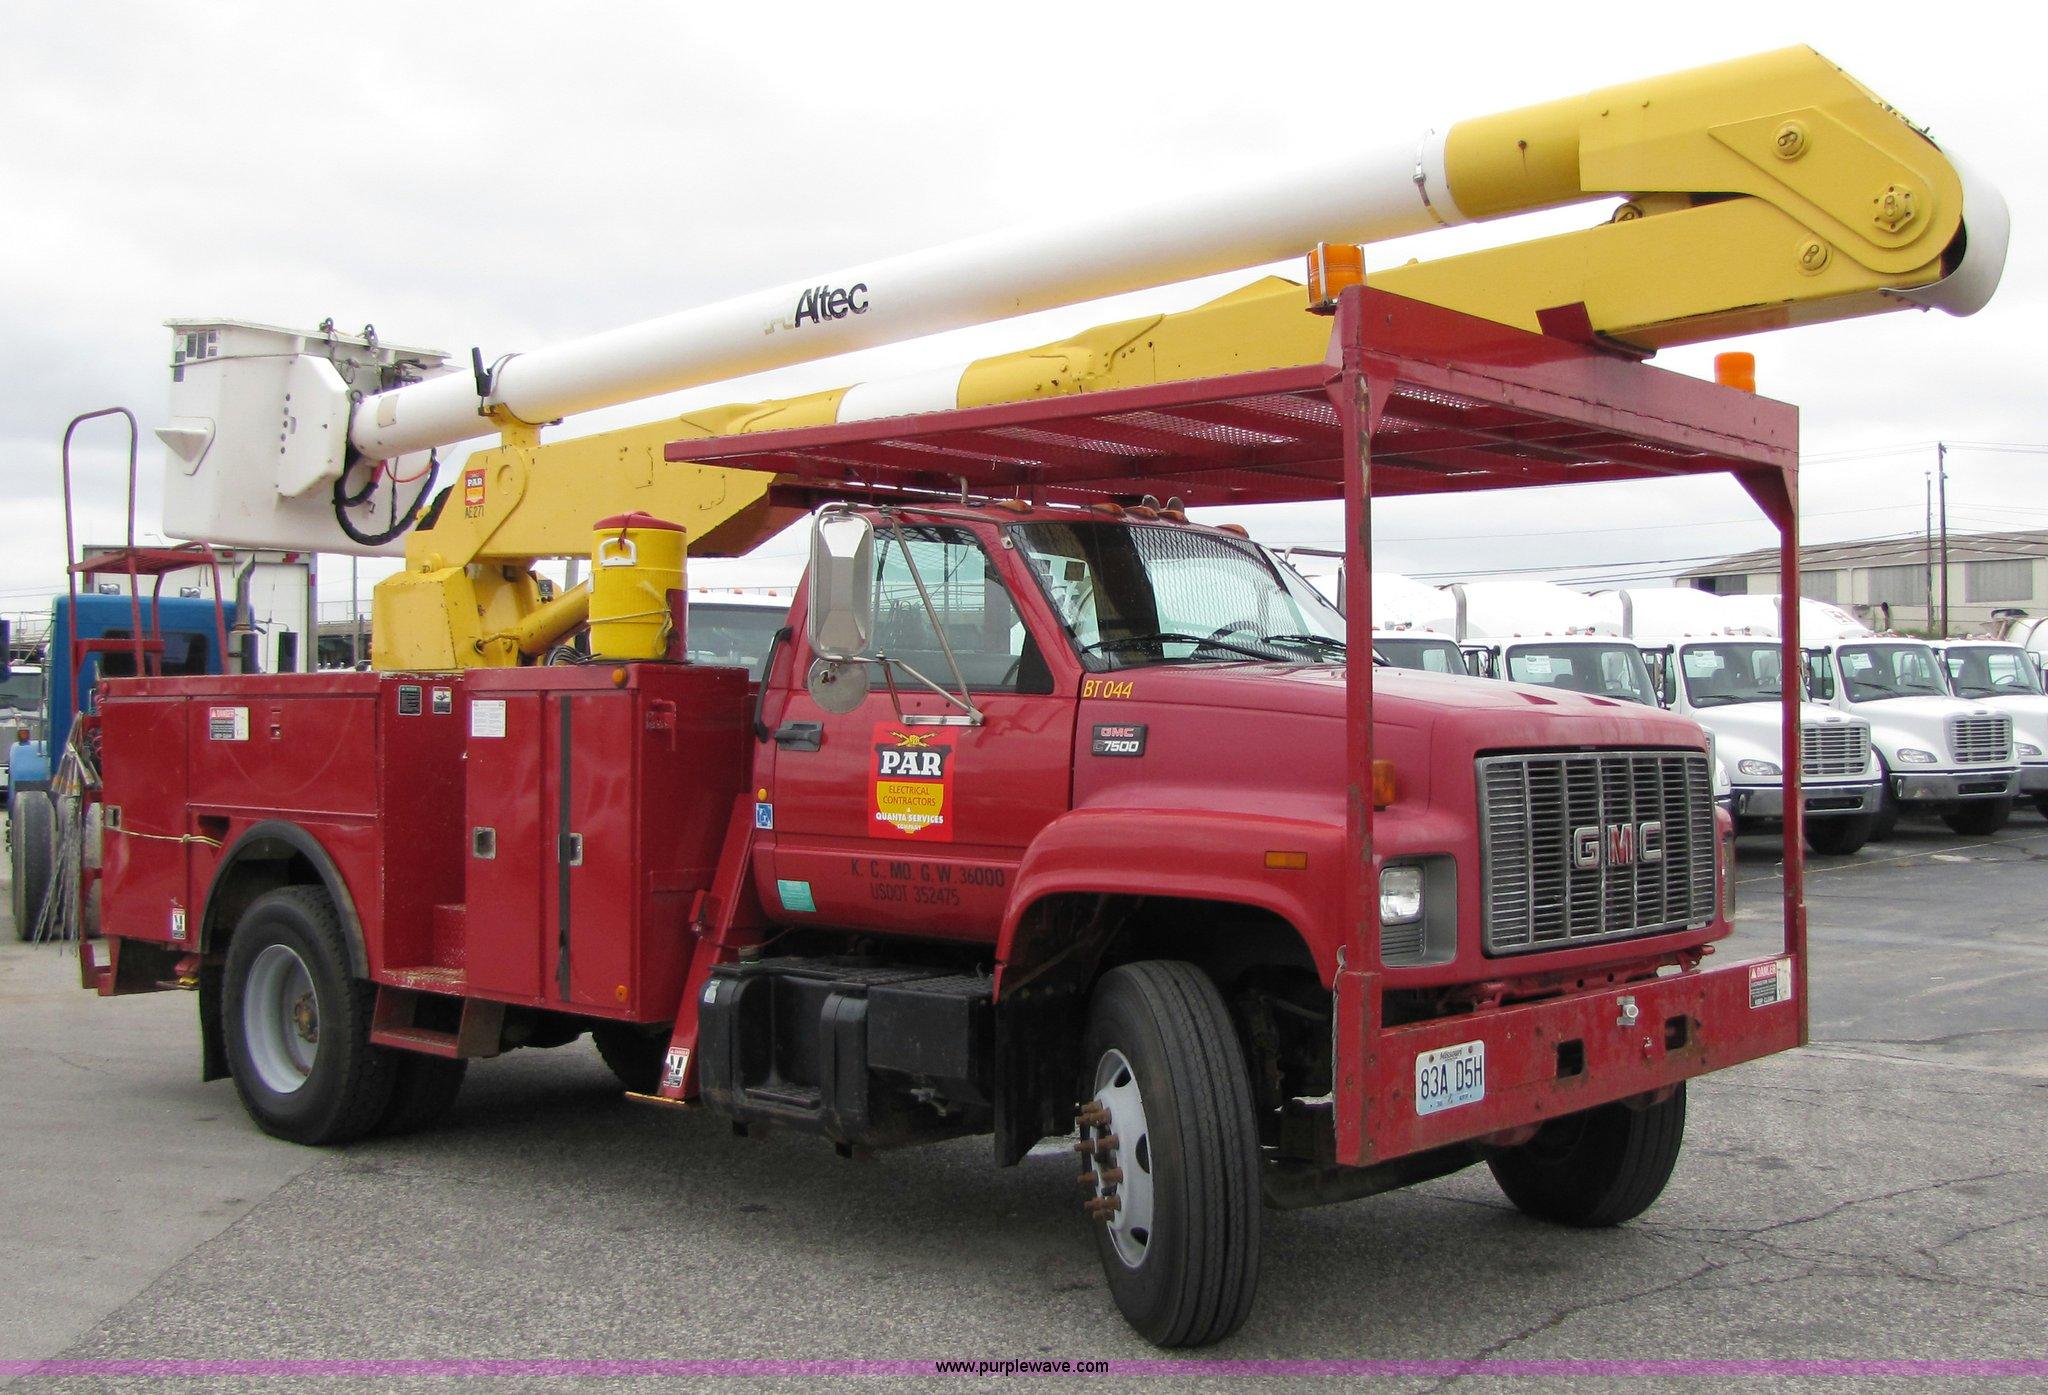 2000 GMC C7500 bucket truck | Item 5267 | SOLD! September 30